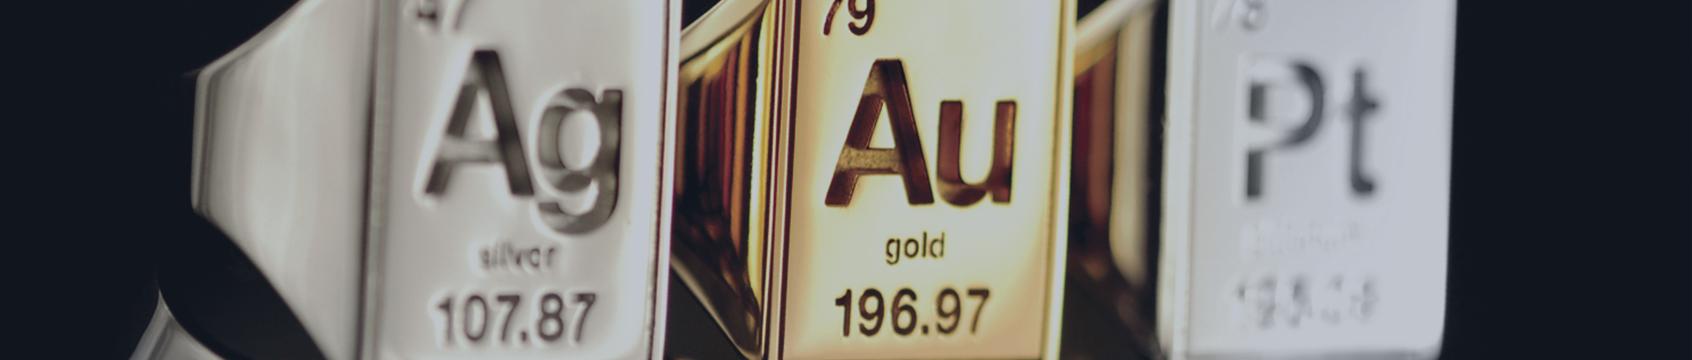 Мировой рынок металлов: Золото, Серебро, Платина